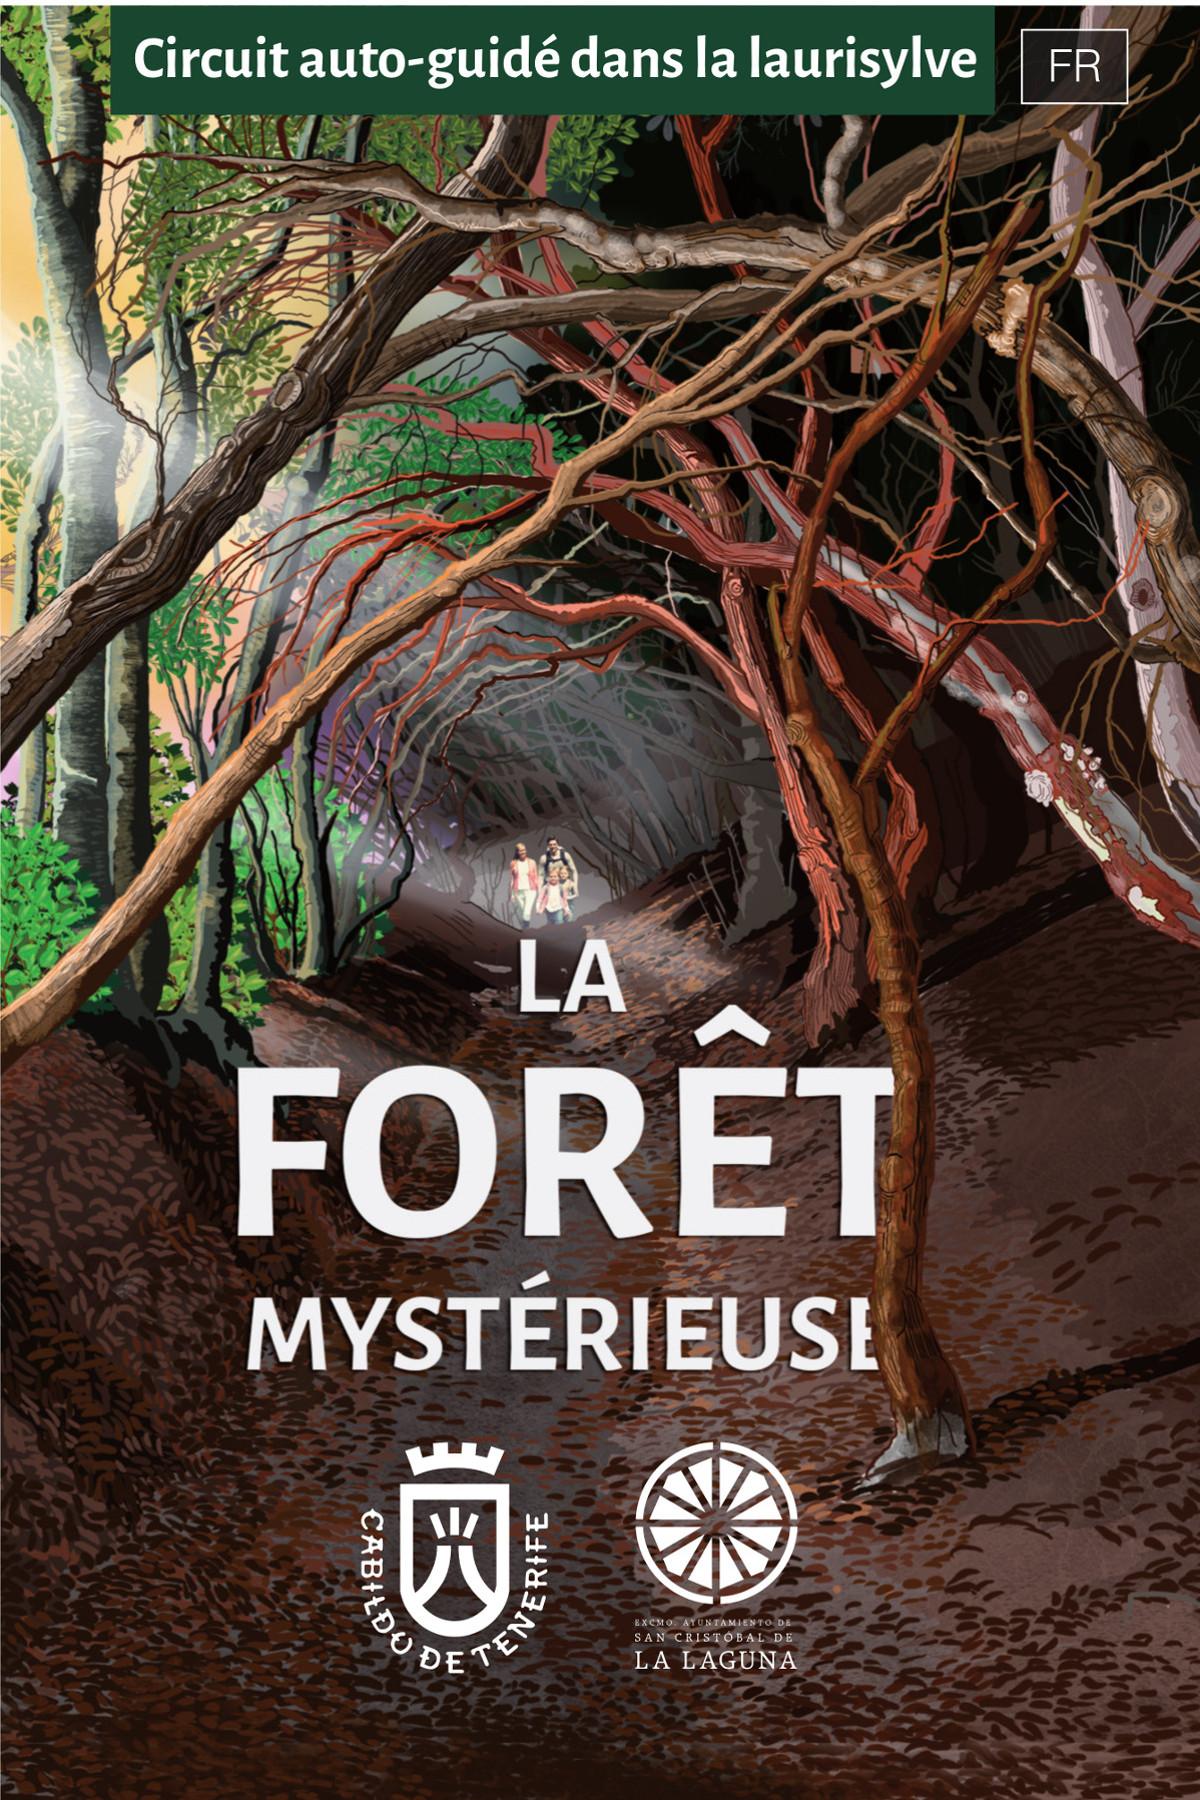 La Forêt Mystérieuse - Françoise